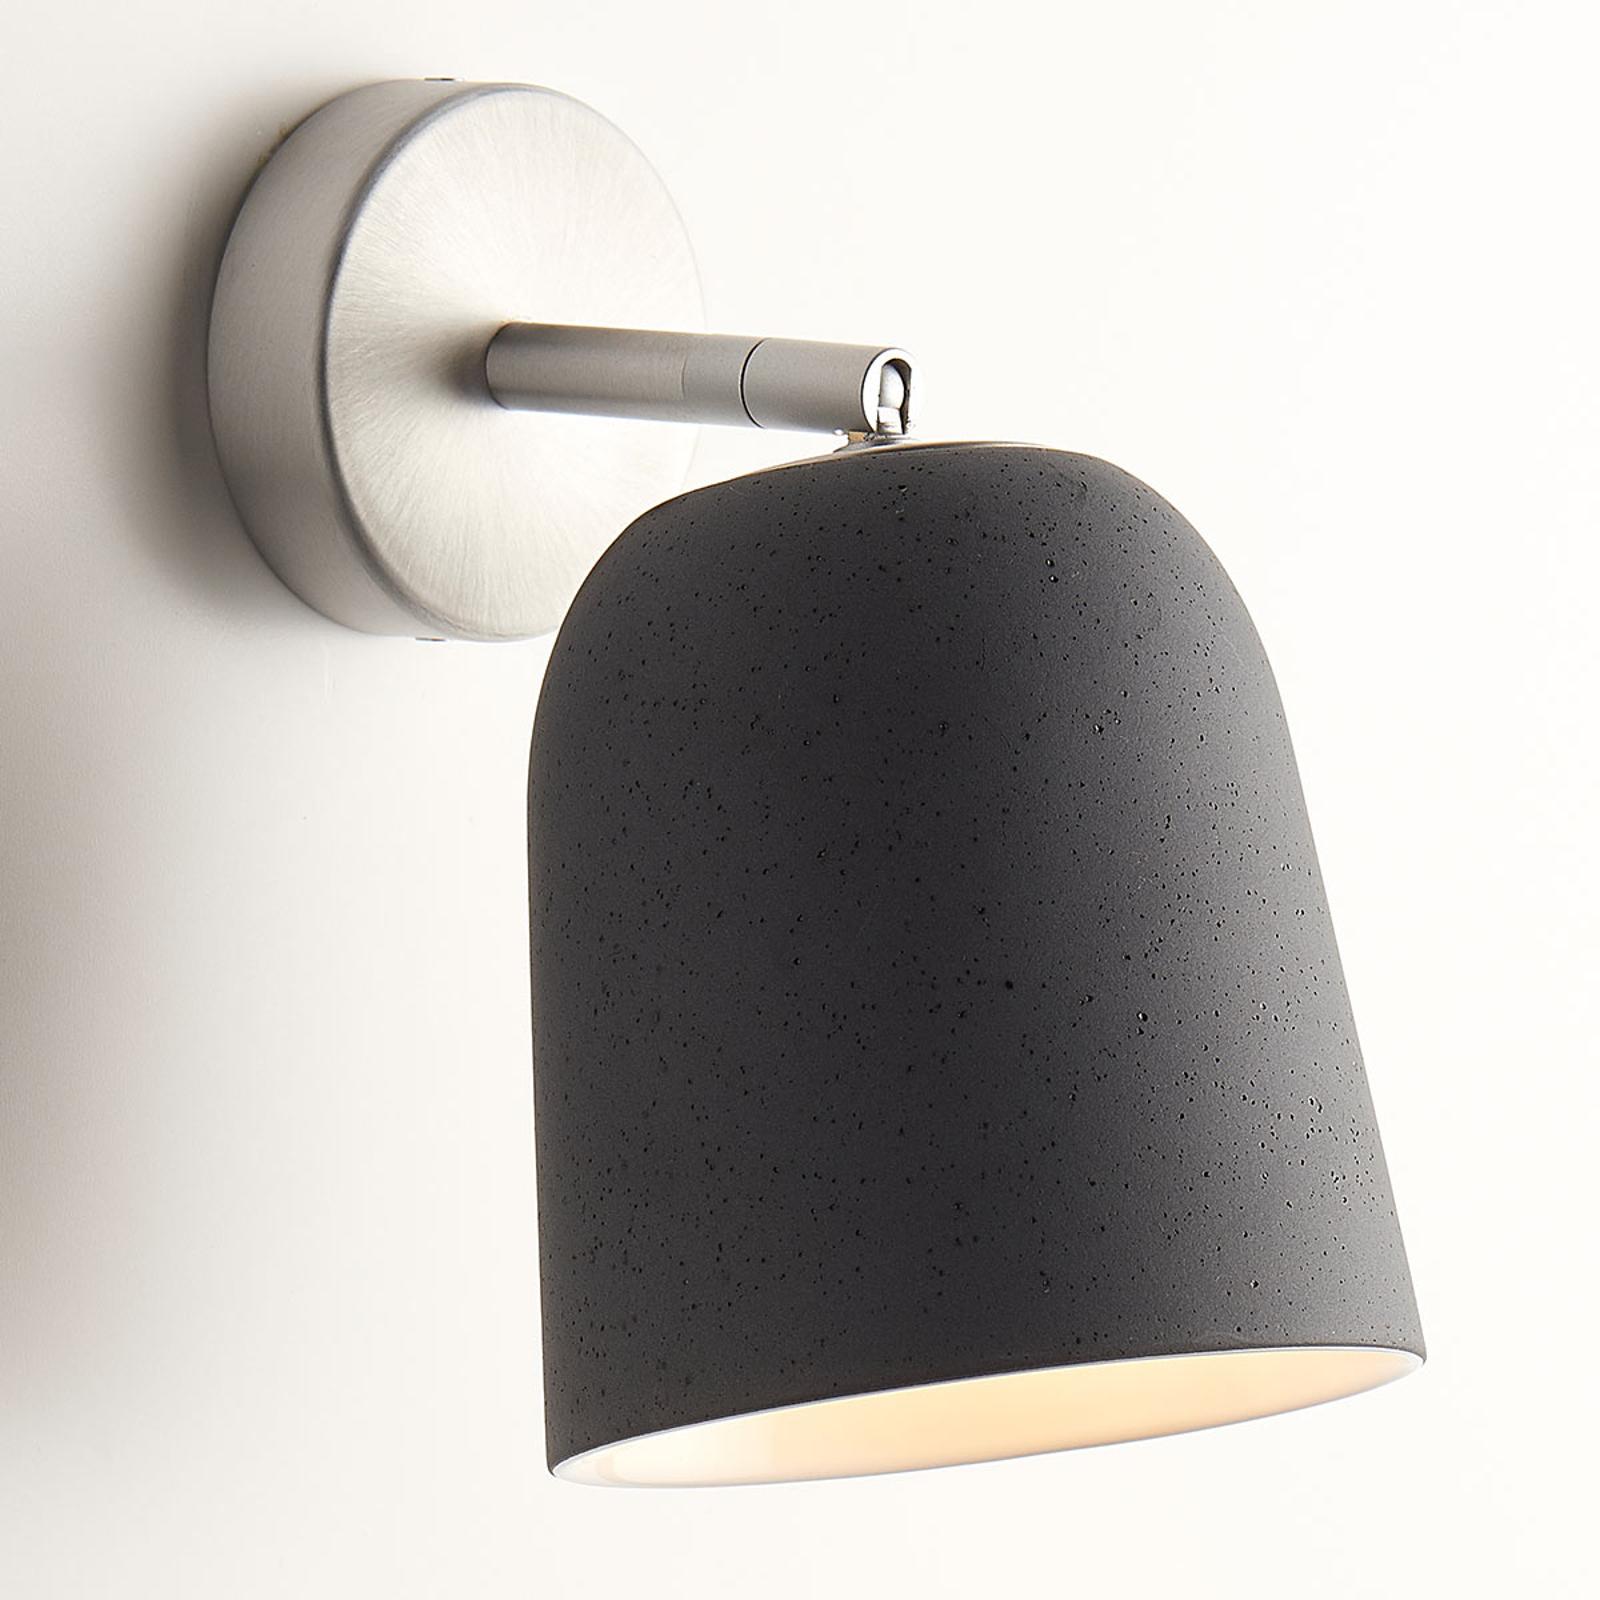 Casablanca Clavio - Keramik-Wandlampe, grau